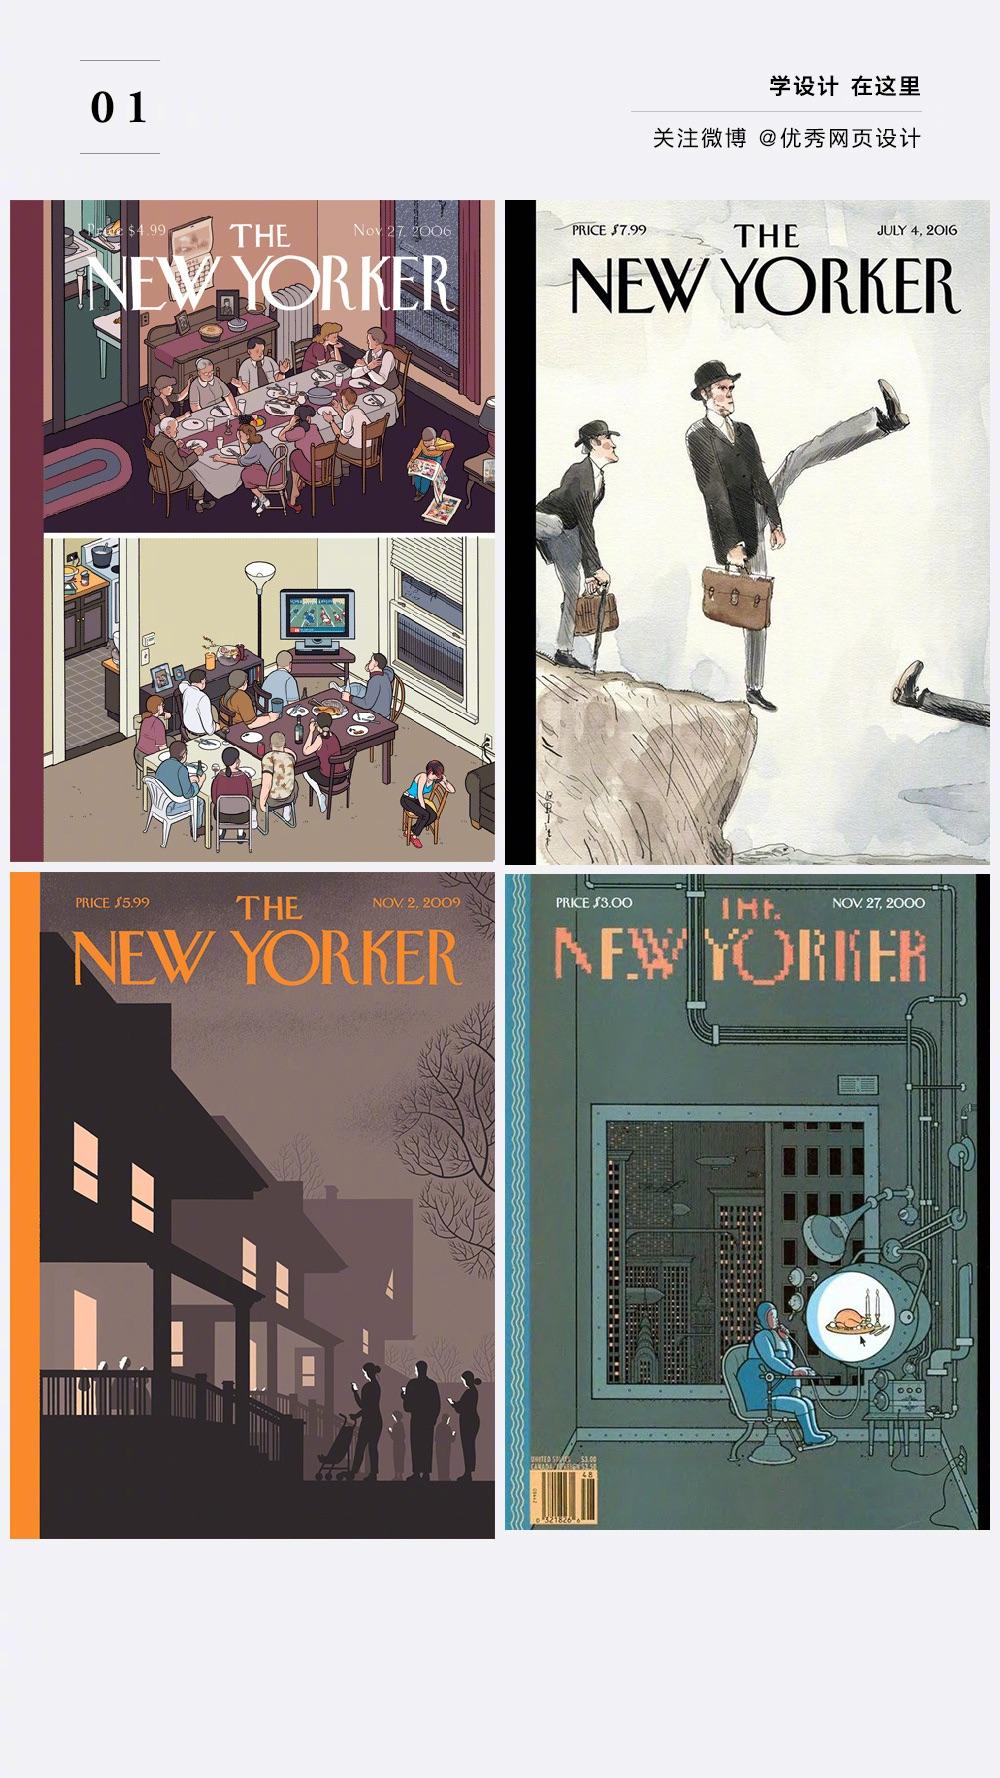 登上这本杂志封面或许是每个插画师的梦想